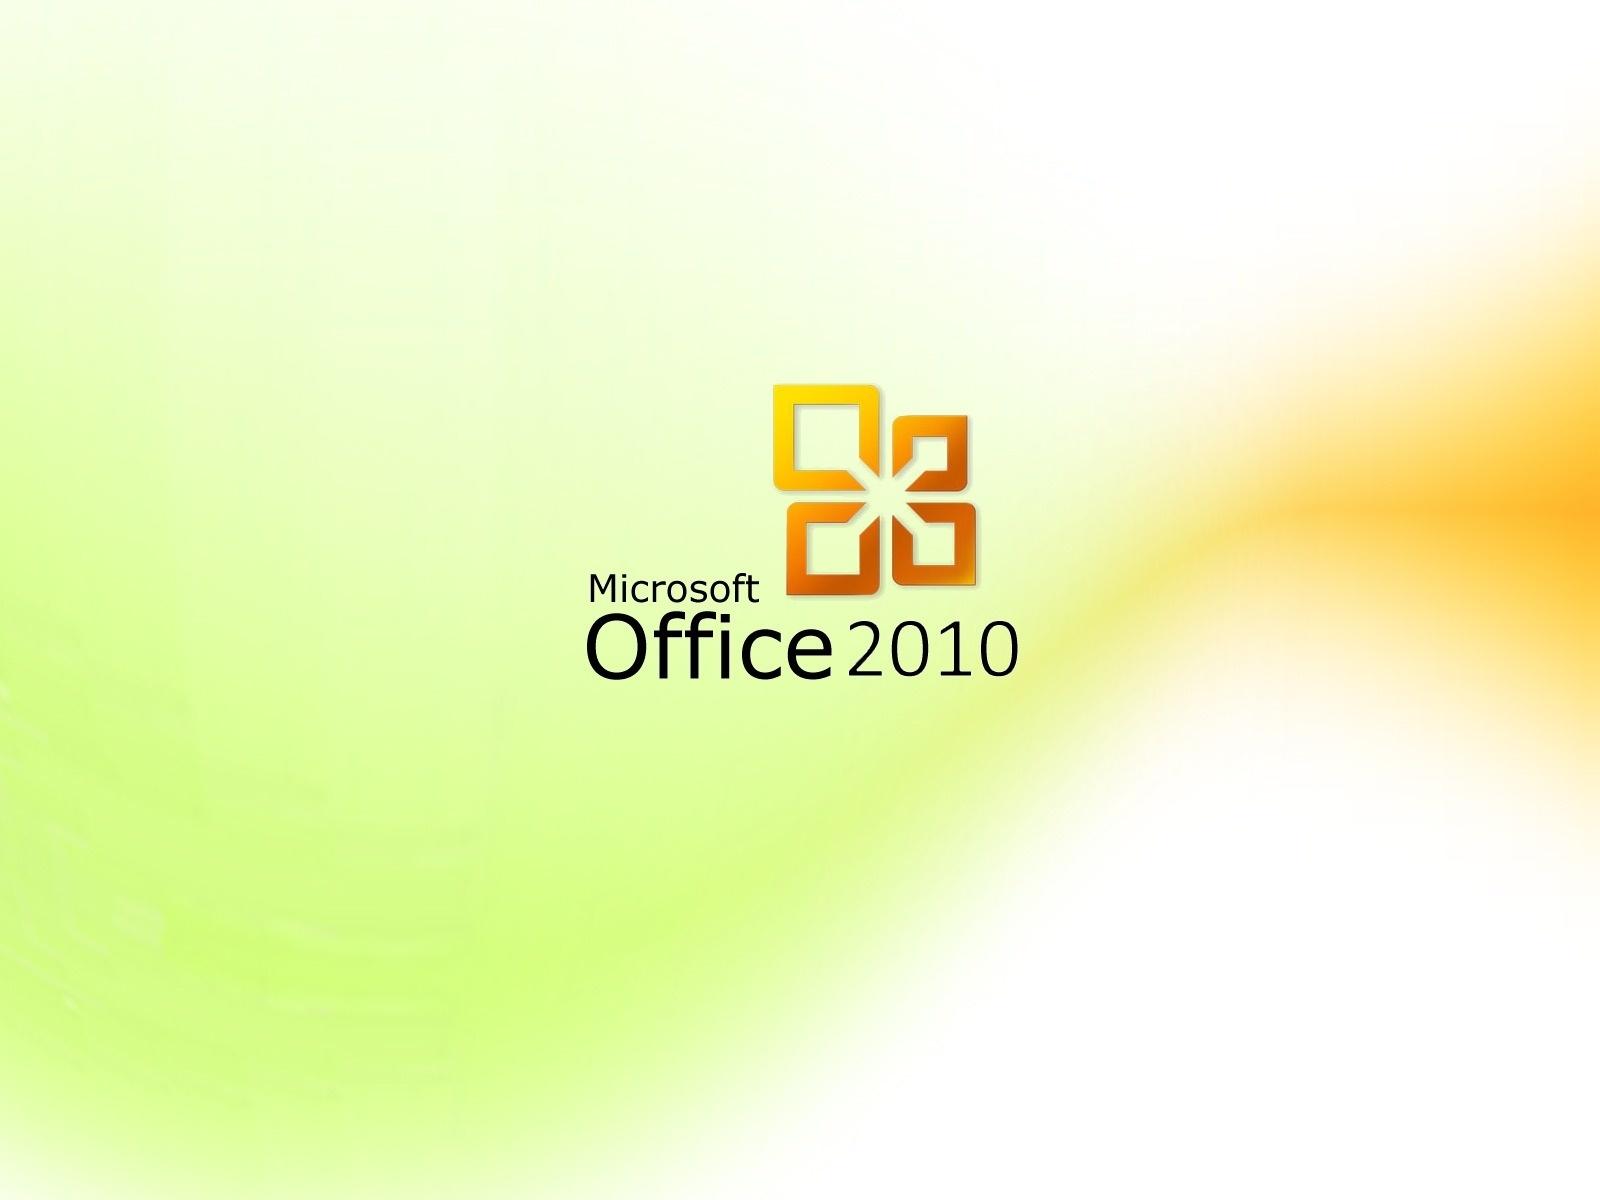 Нежные любимой, майкрософт офис картинки